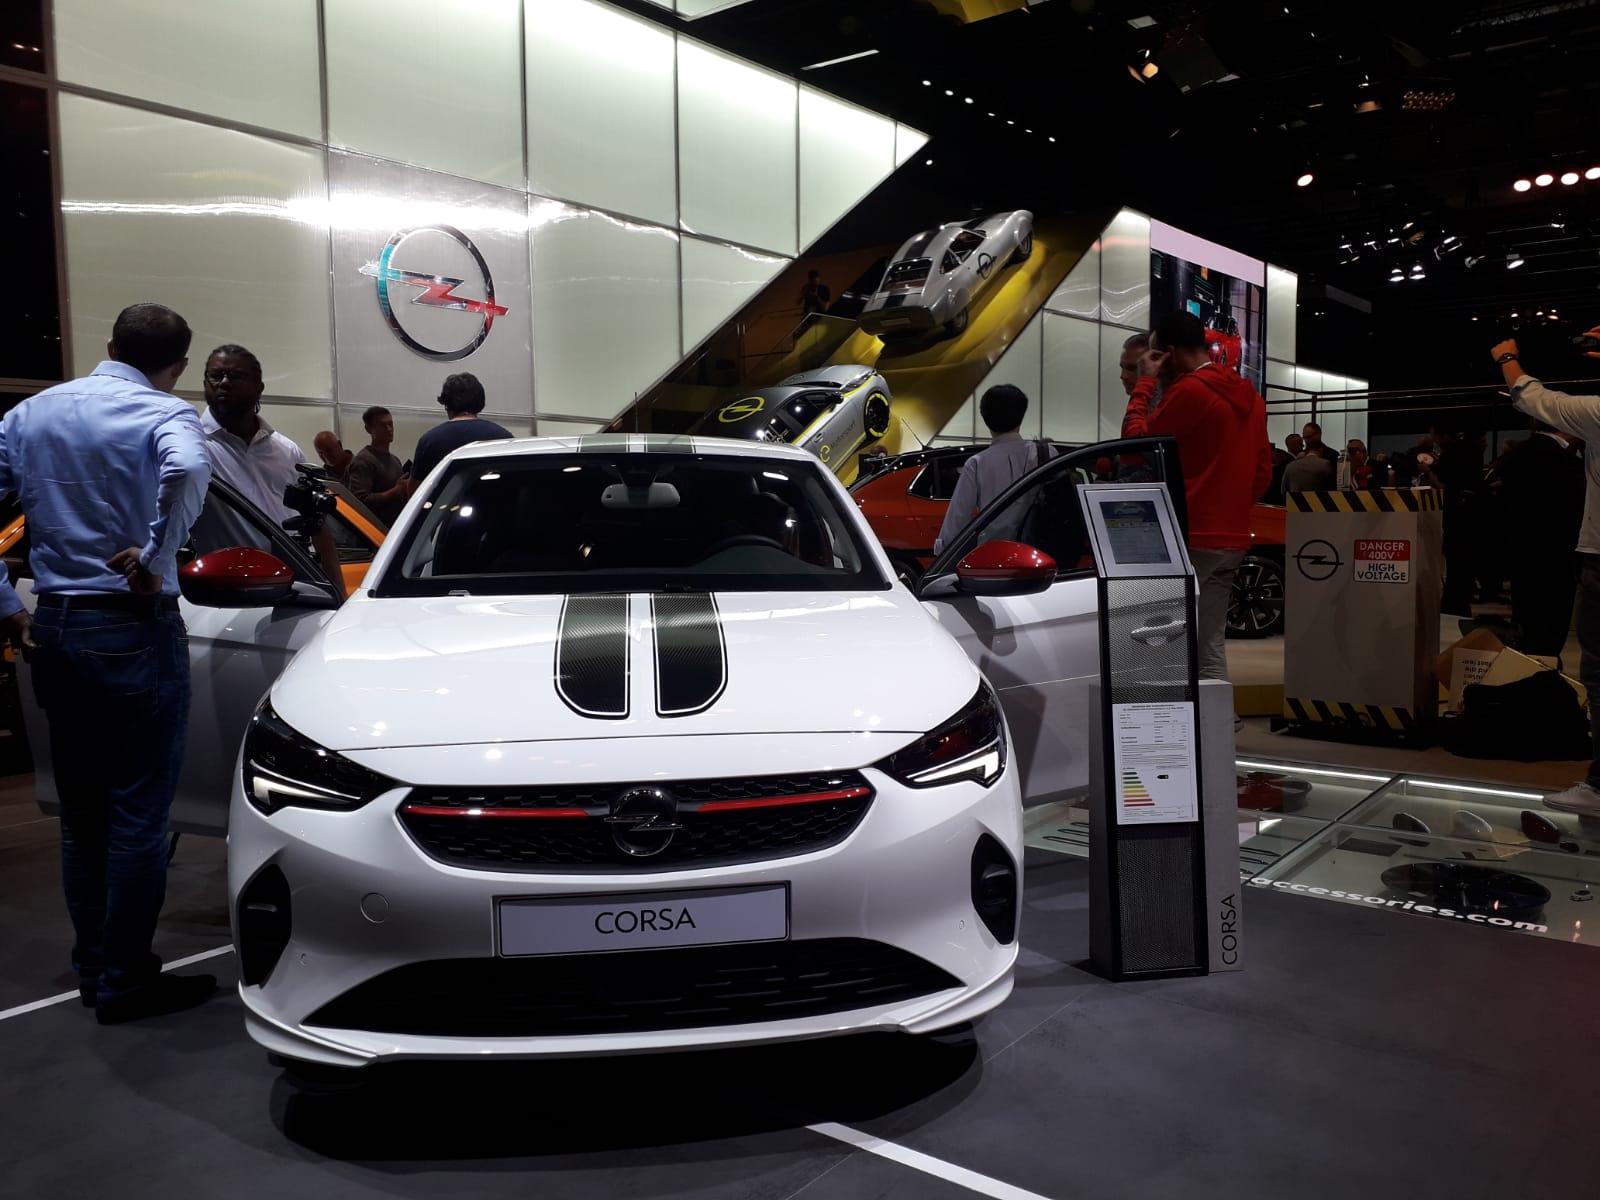 Nuova Opel Corsa Salone di Francoforte 2019